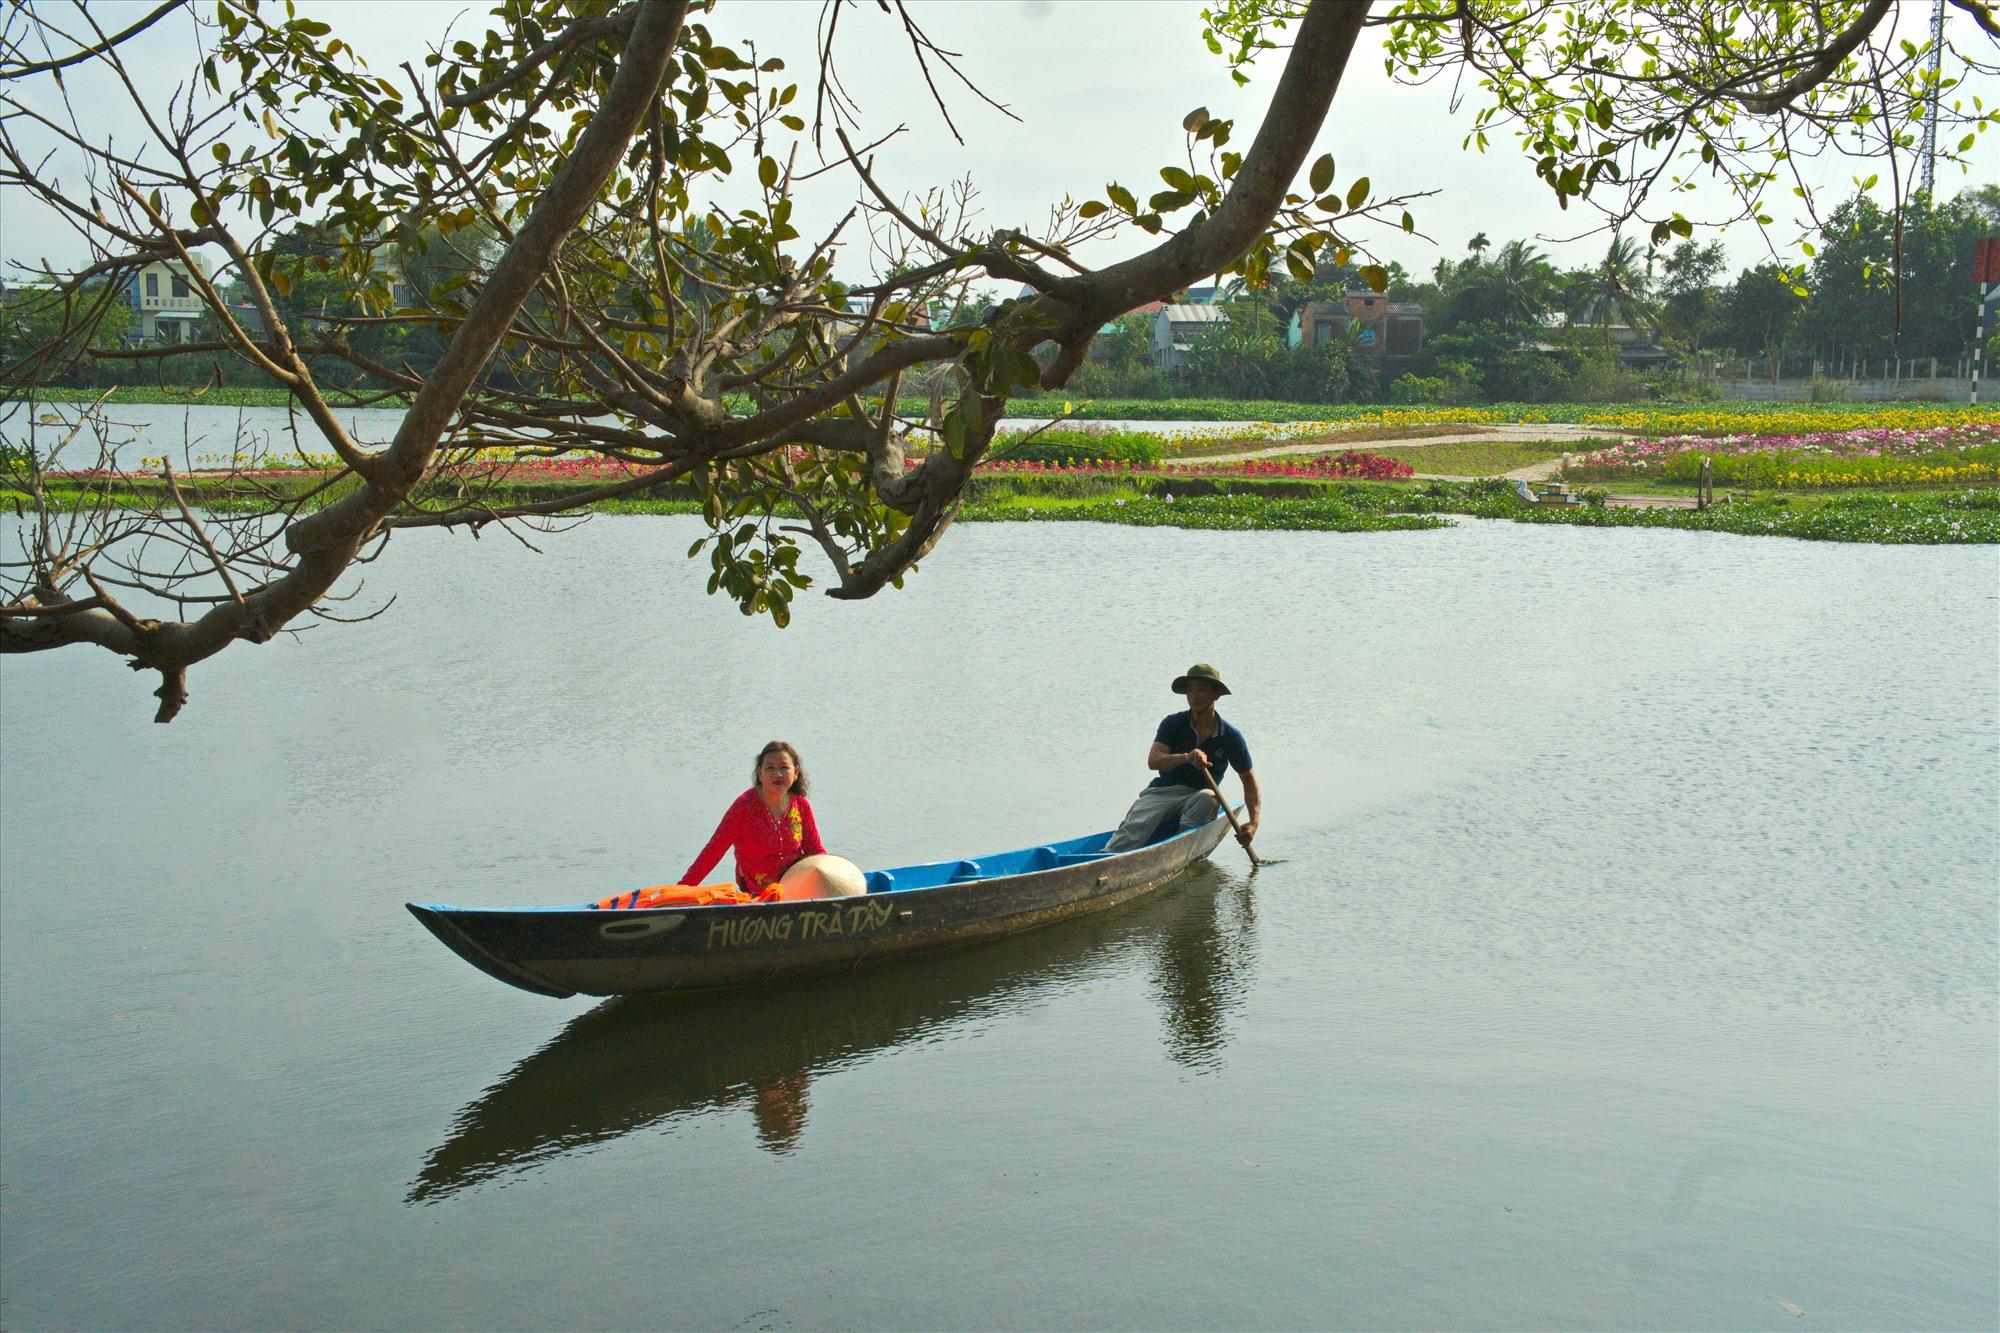 Trên dòng sông Tam Kỳ (đoạn đi qua trước đình làng Hương Trà, Hòa Hương, Tam Kỳ). Ảnh: NGUYỄN ĐIỆN NGỌC